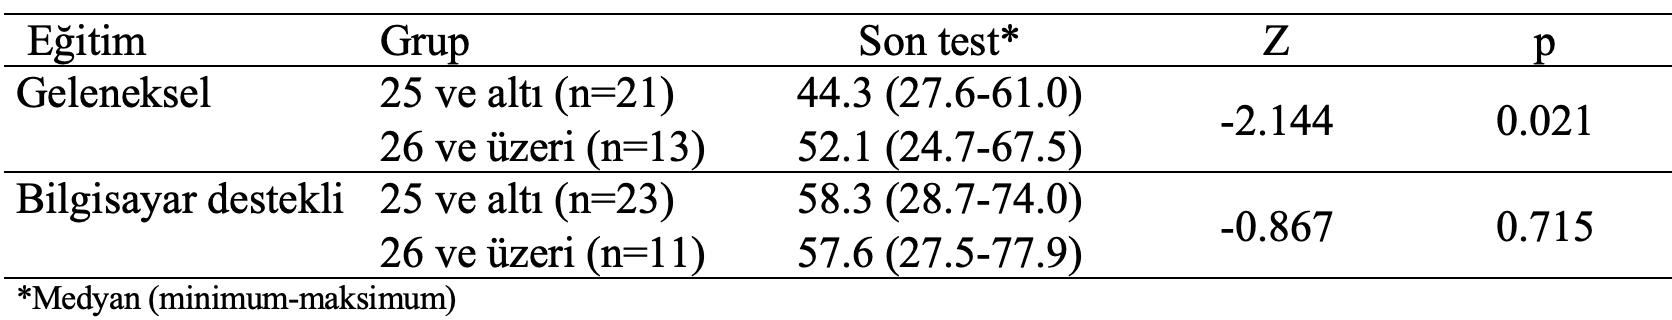 geleneksel bilgisayar destekli son test yaş gruplarına karşılaştırma